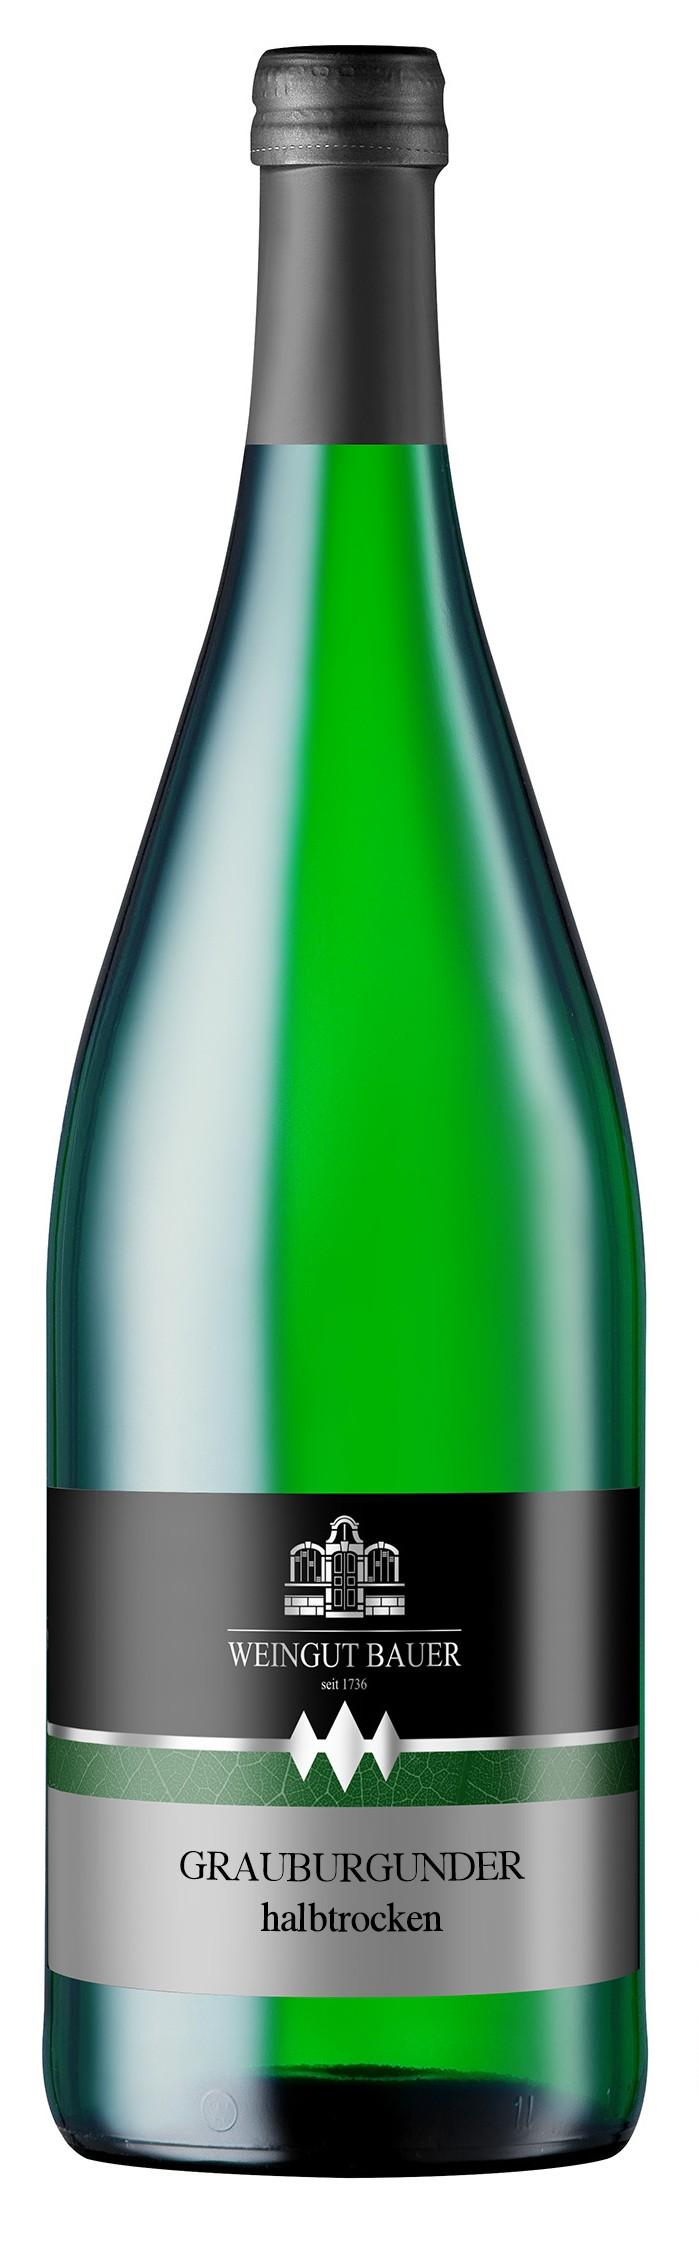 2015 Grauburgunder Qualitätswein halbtrocken 1000ml